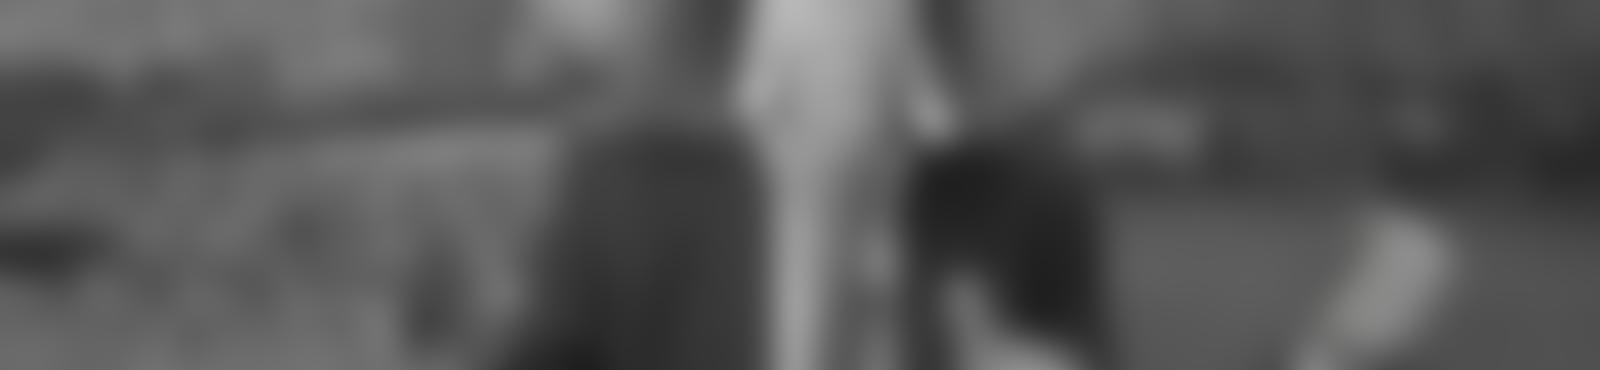 Blurred 81bcf310 ec40 4d7a a21a 2dd4677edb64